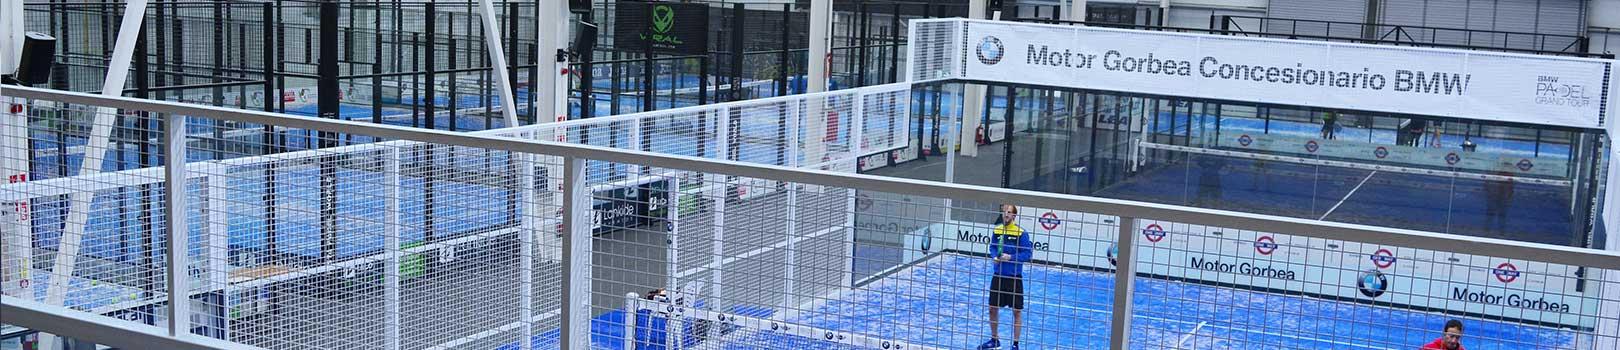 slide-instalaciones-padel-norte-02